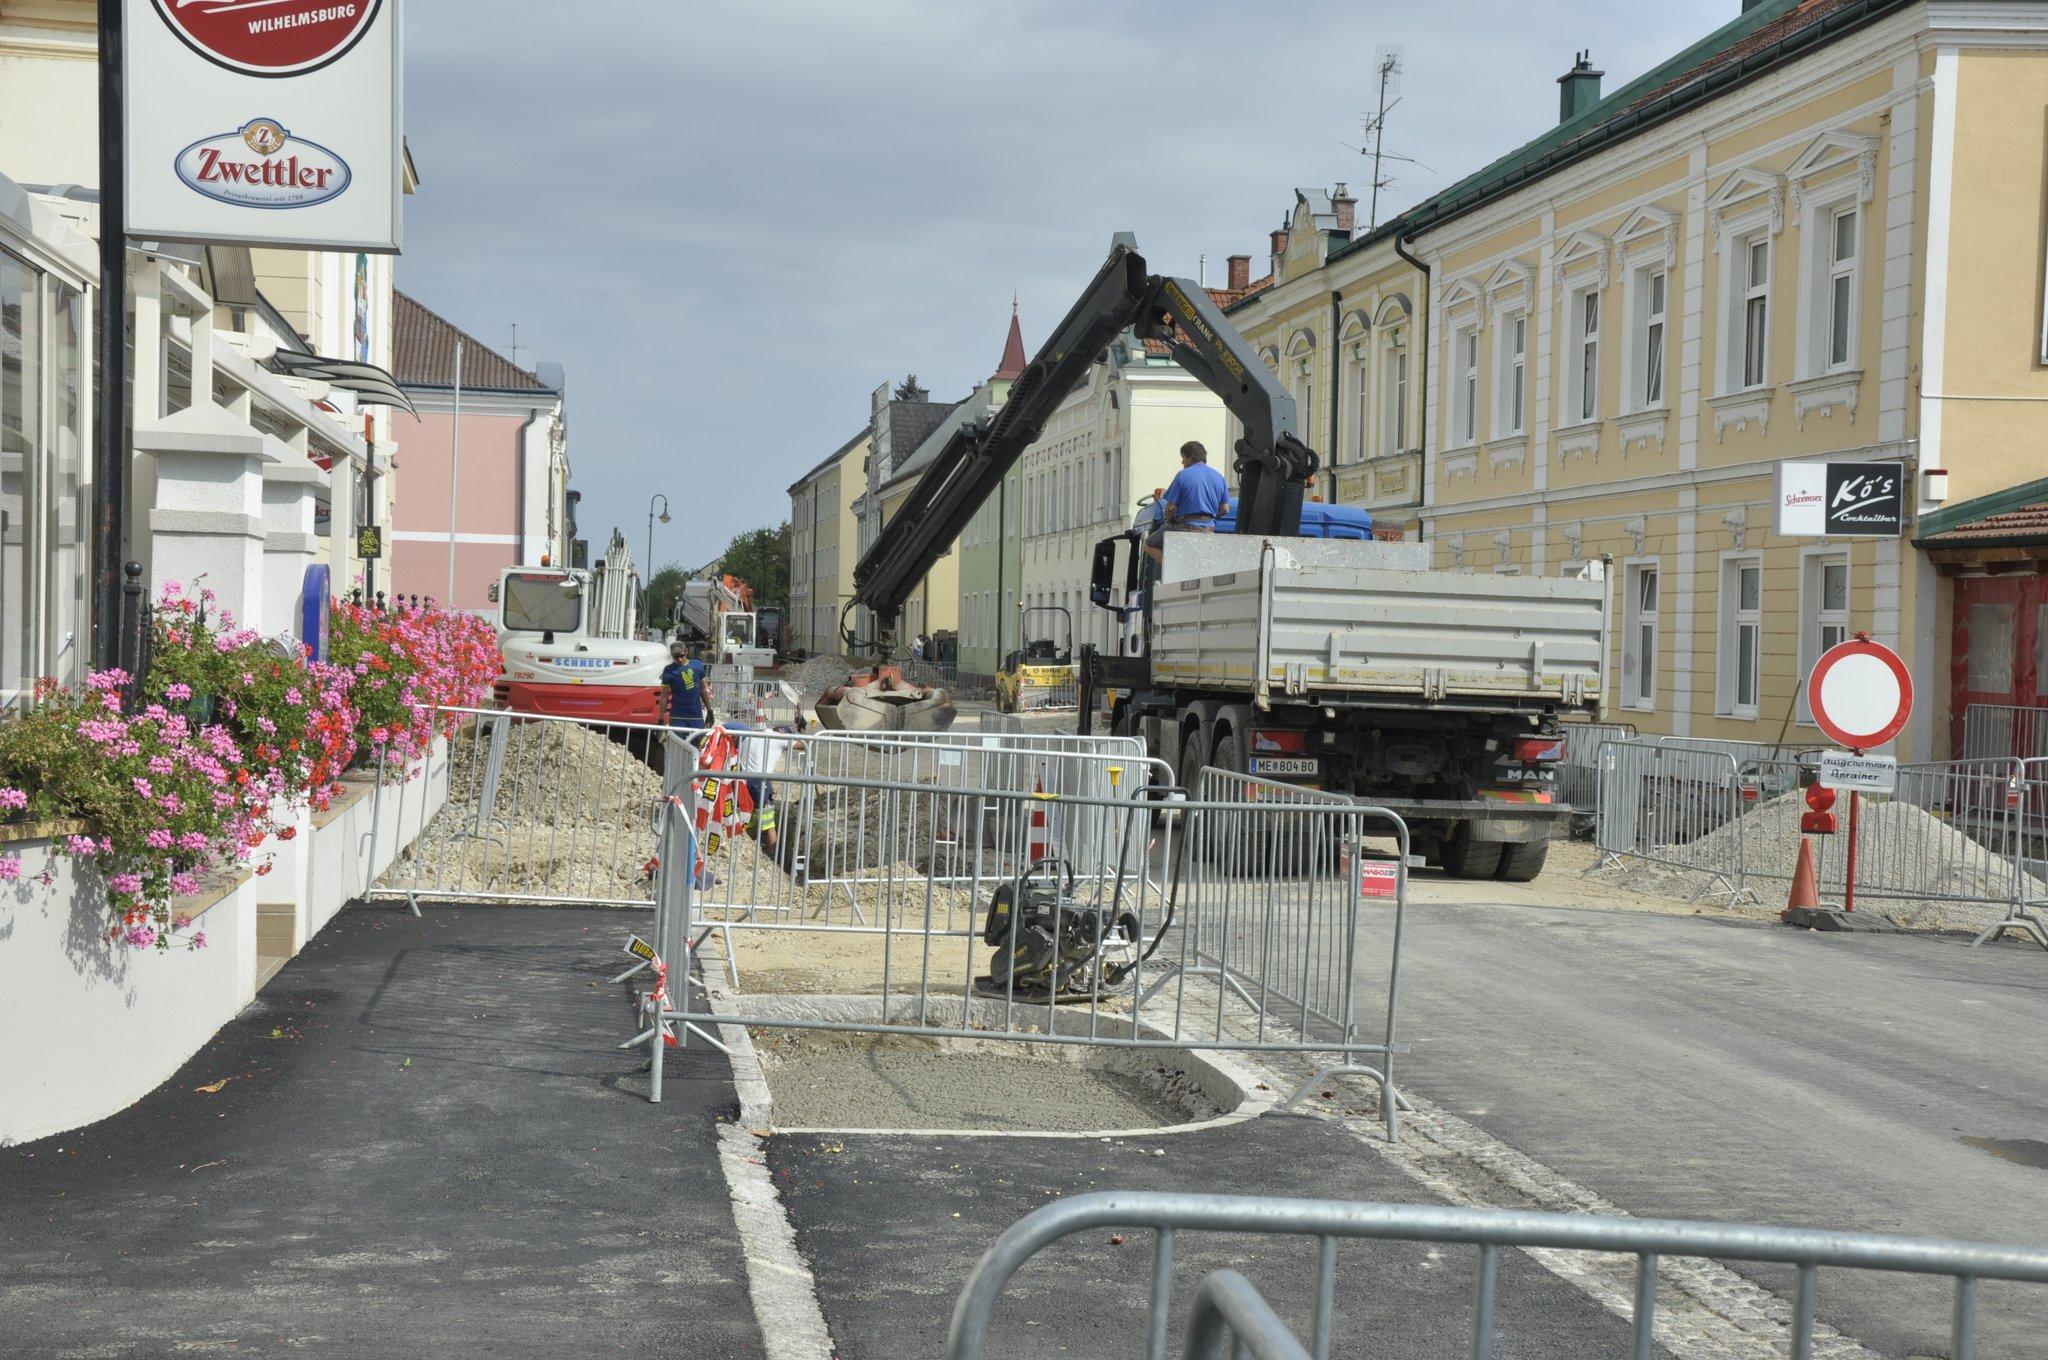 Mutter-Eltern-Beratung - Stadtgemeinde Wilhelmsburg